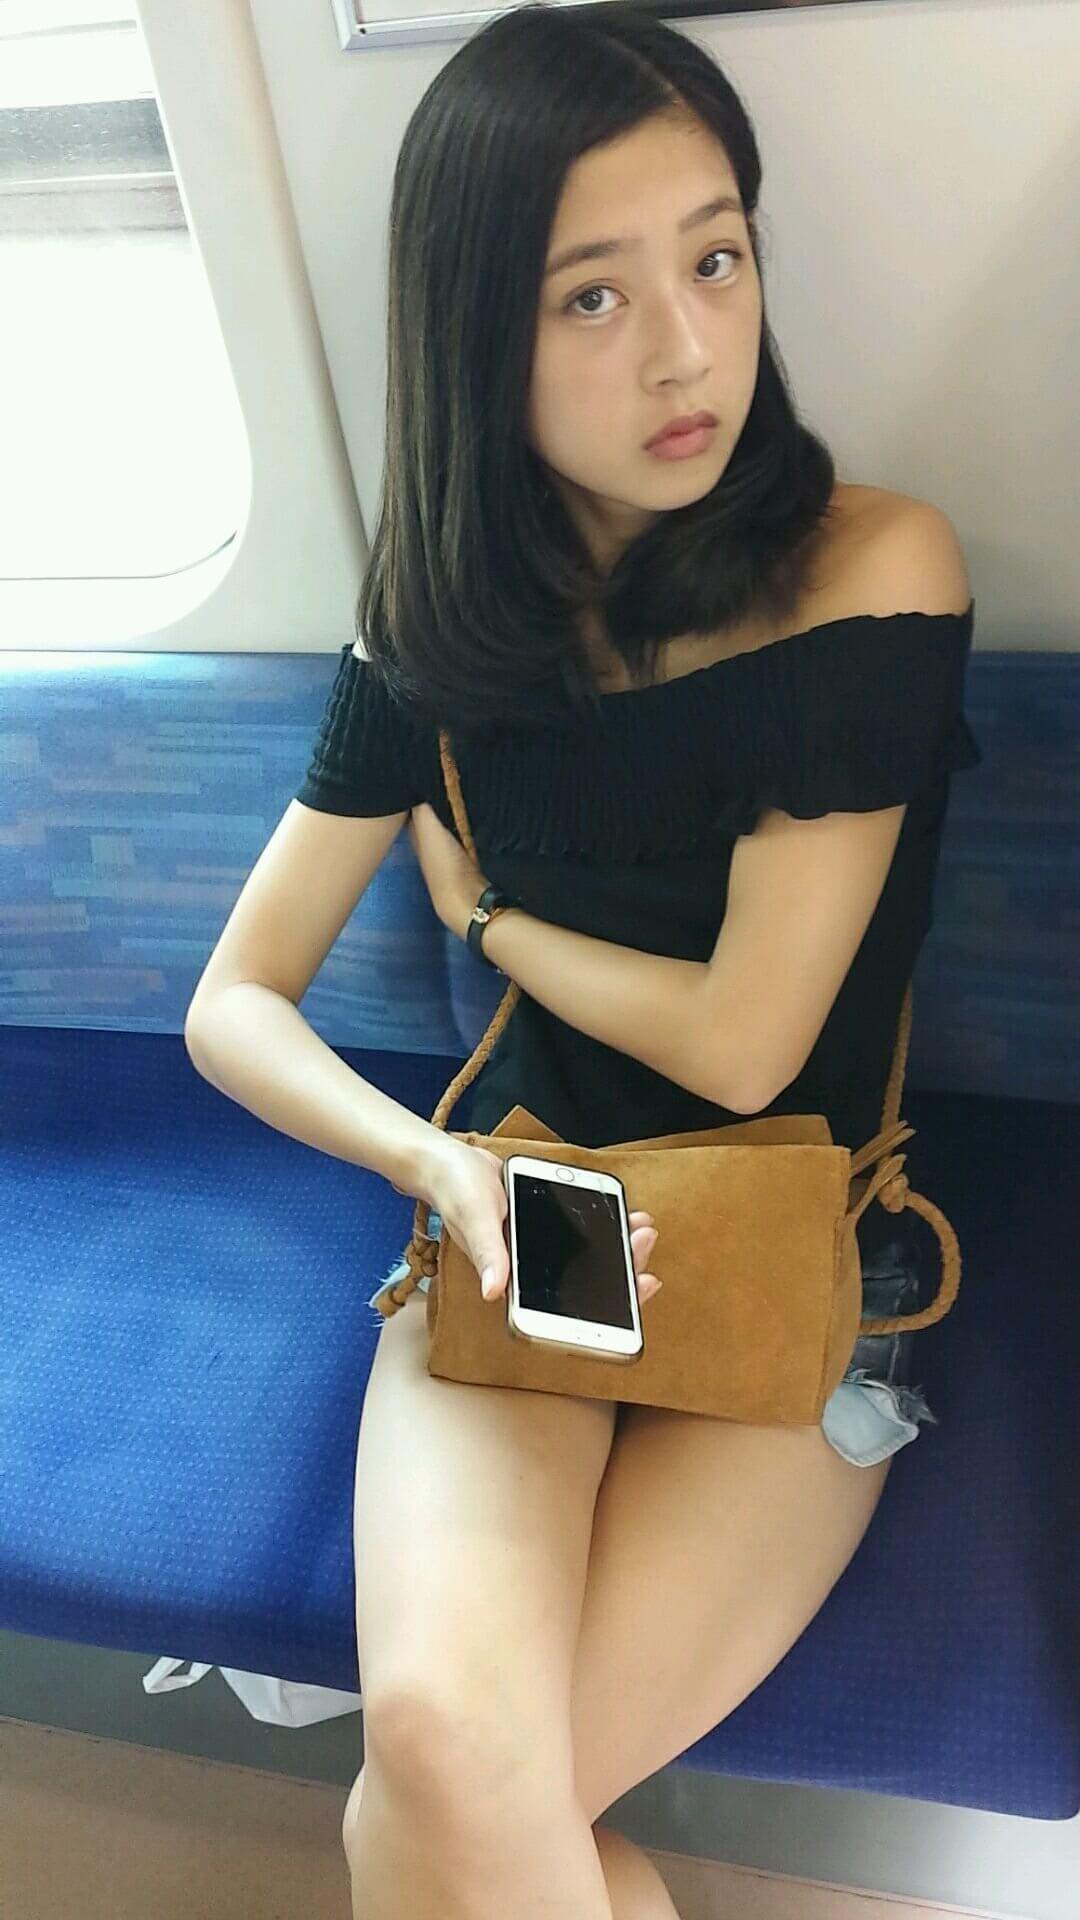 【画像】女子高生の私服って良い塩梅の露出よな